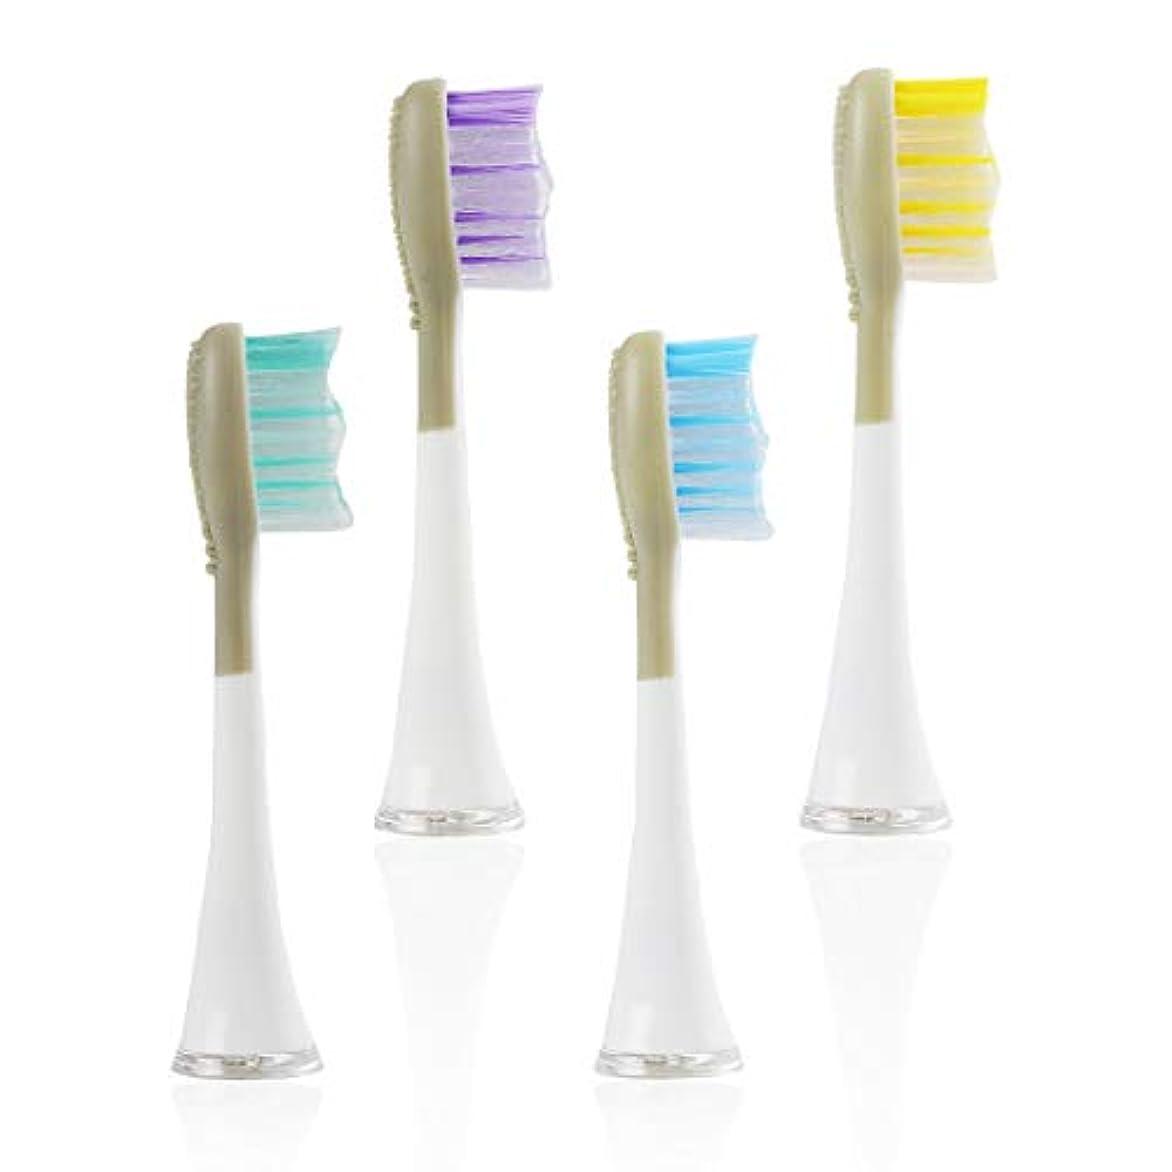 Qurra 音波式電動歯ブラシ 替えブラシ 4本セット 舌ブラシ付き ワイヤレス充電 IPX7防水 3モード搭載 歯垢除去 ホワイトニング - 替えブラシ4本